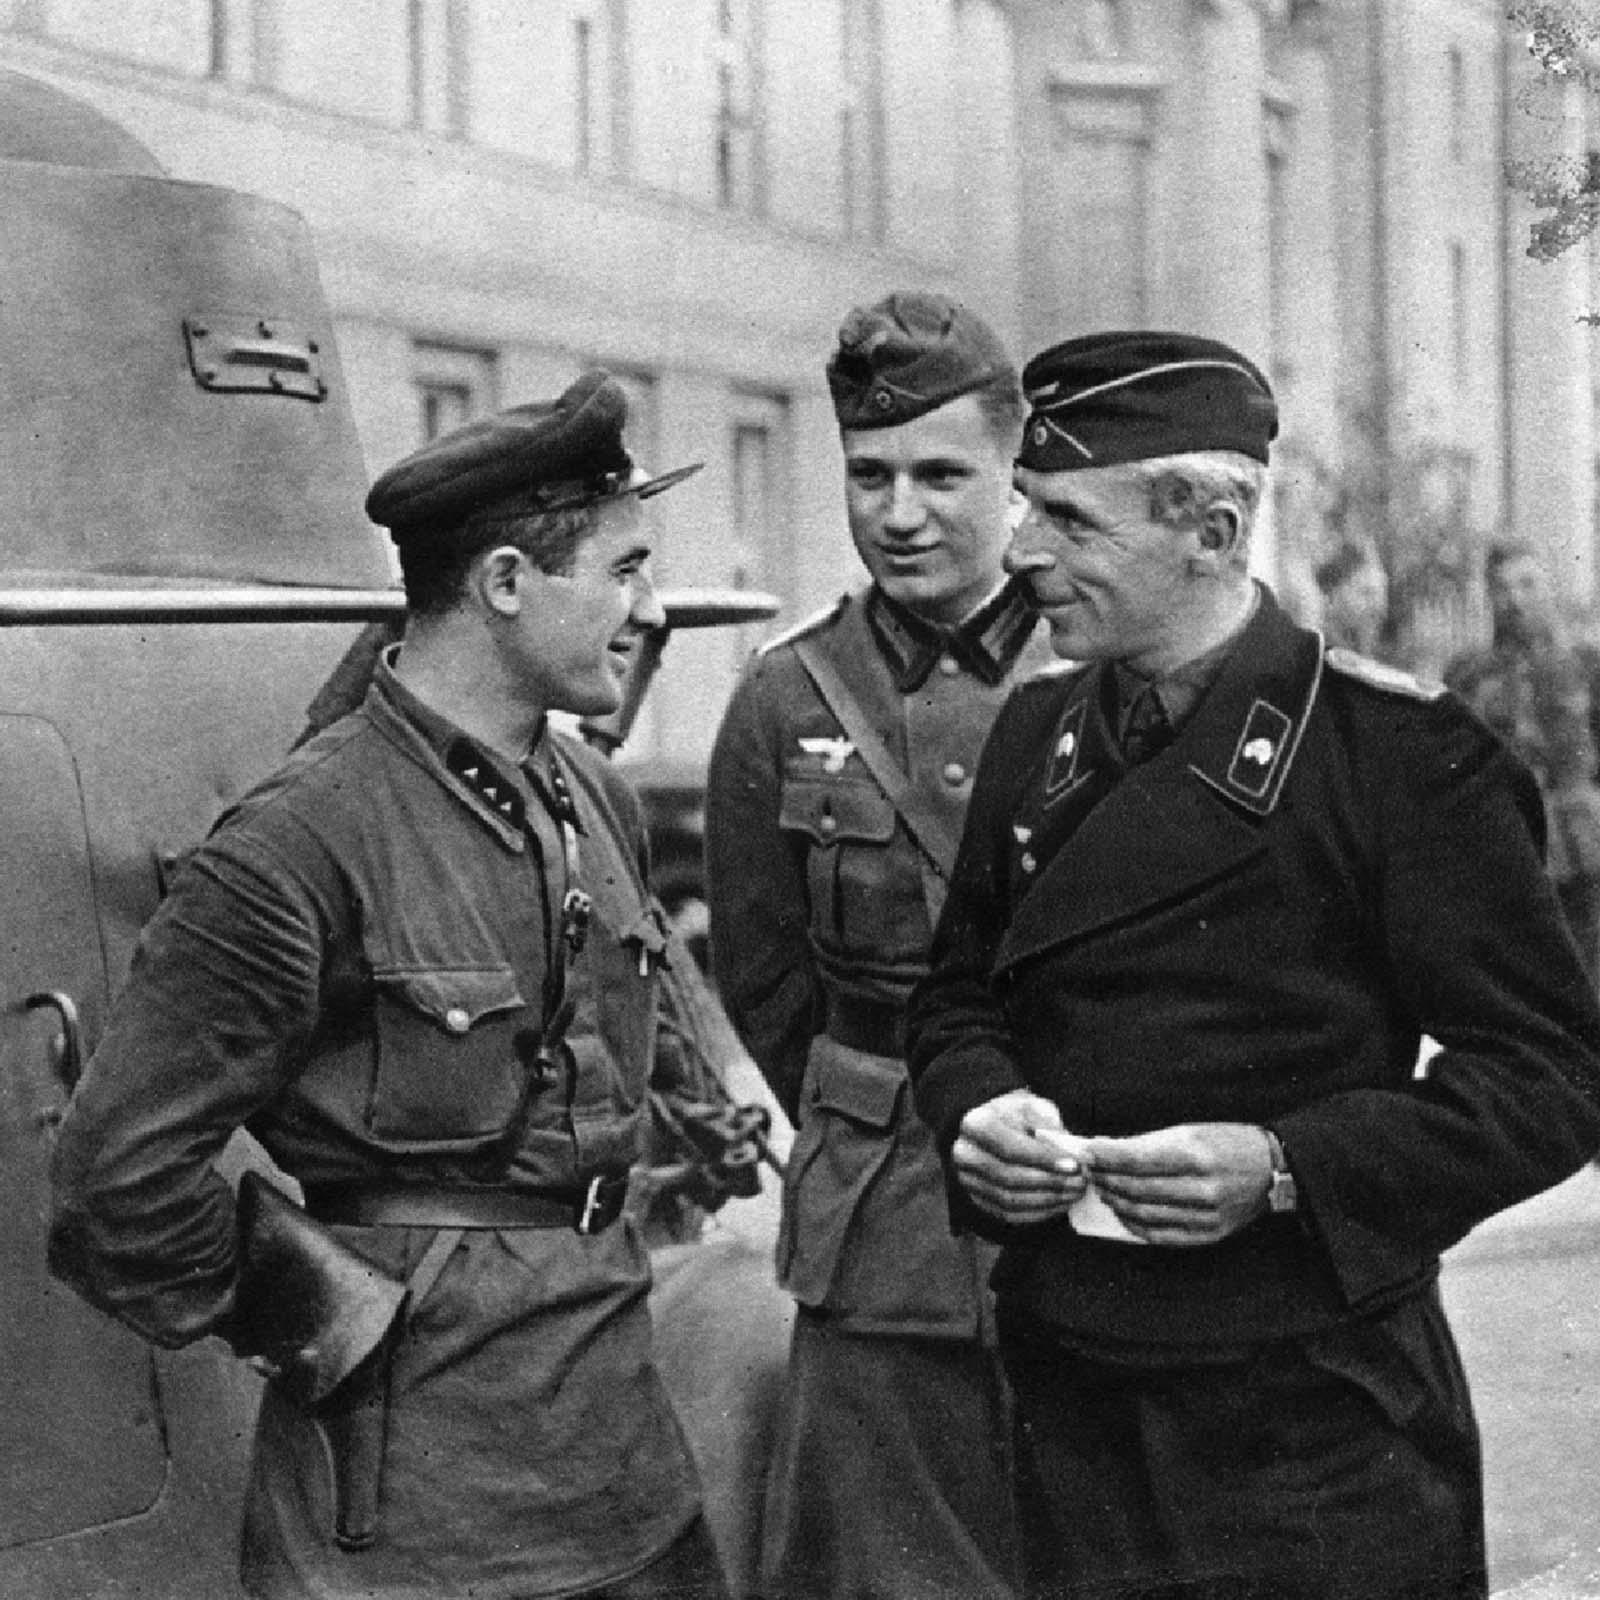 Офицеры советской армии и вермахта в Бресте, 1939 год